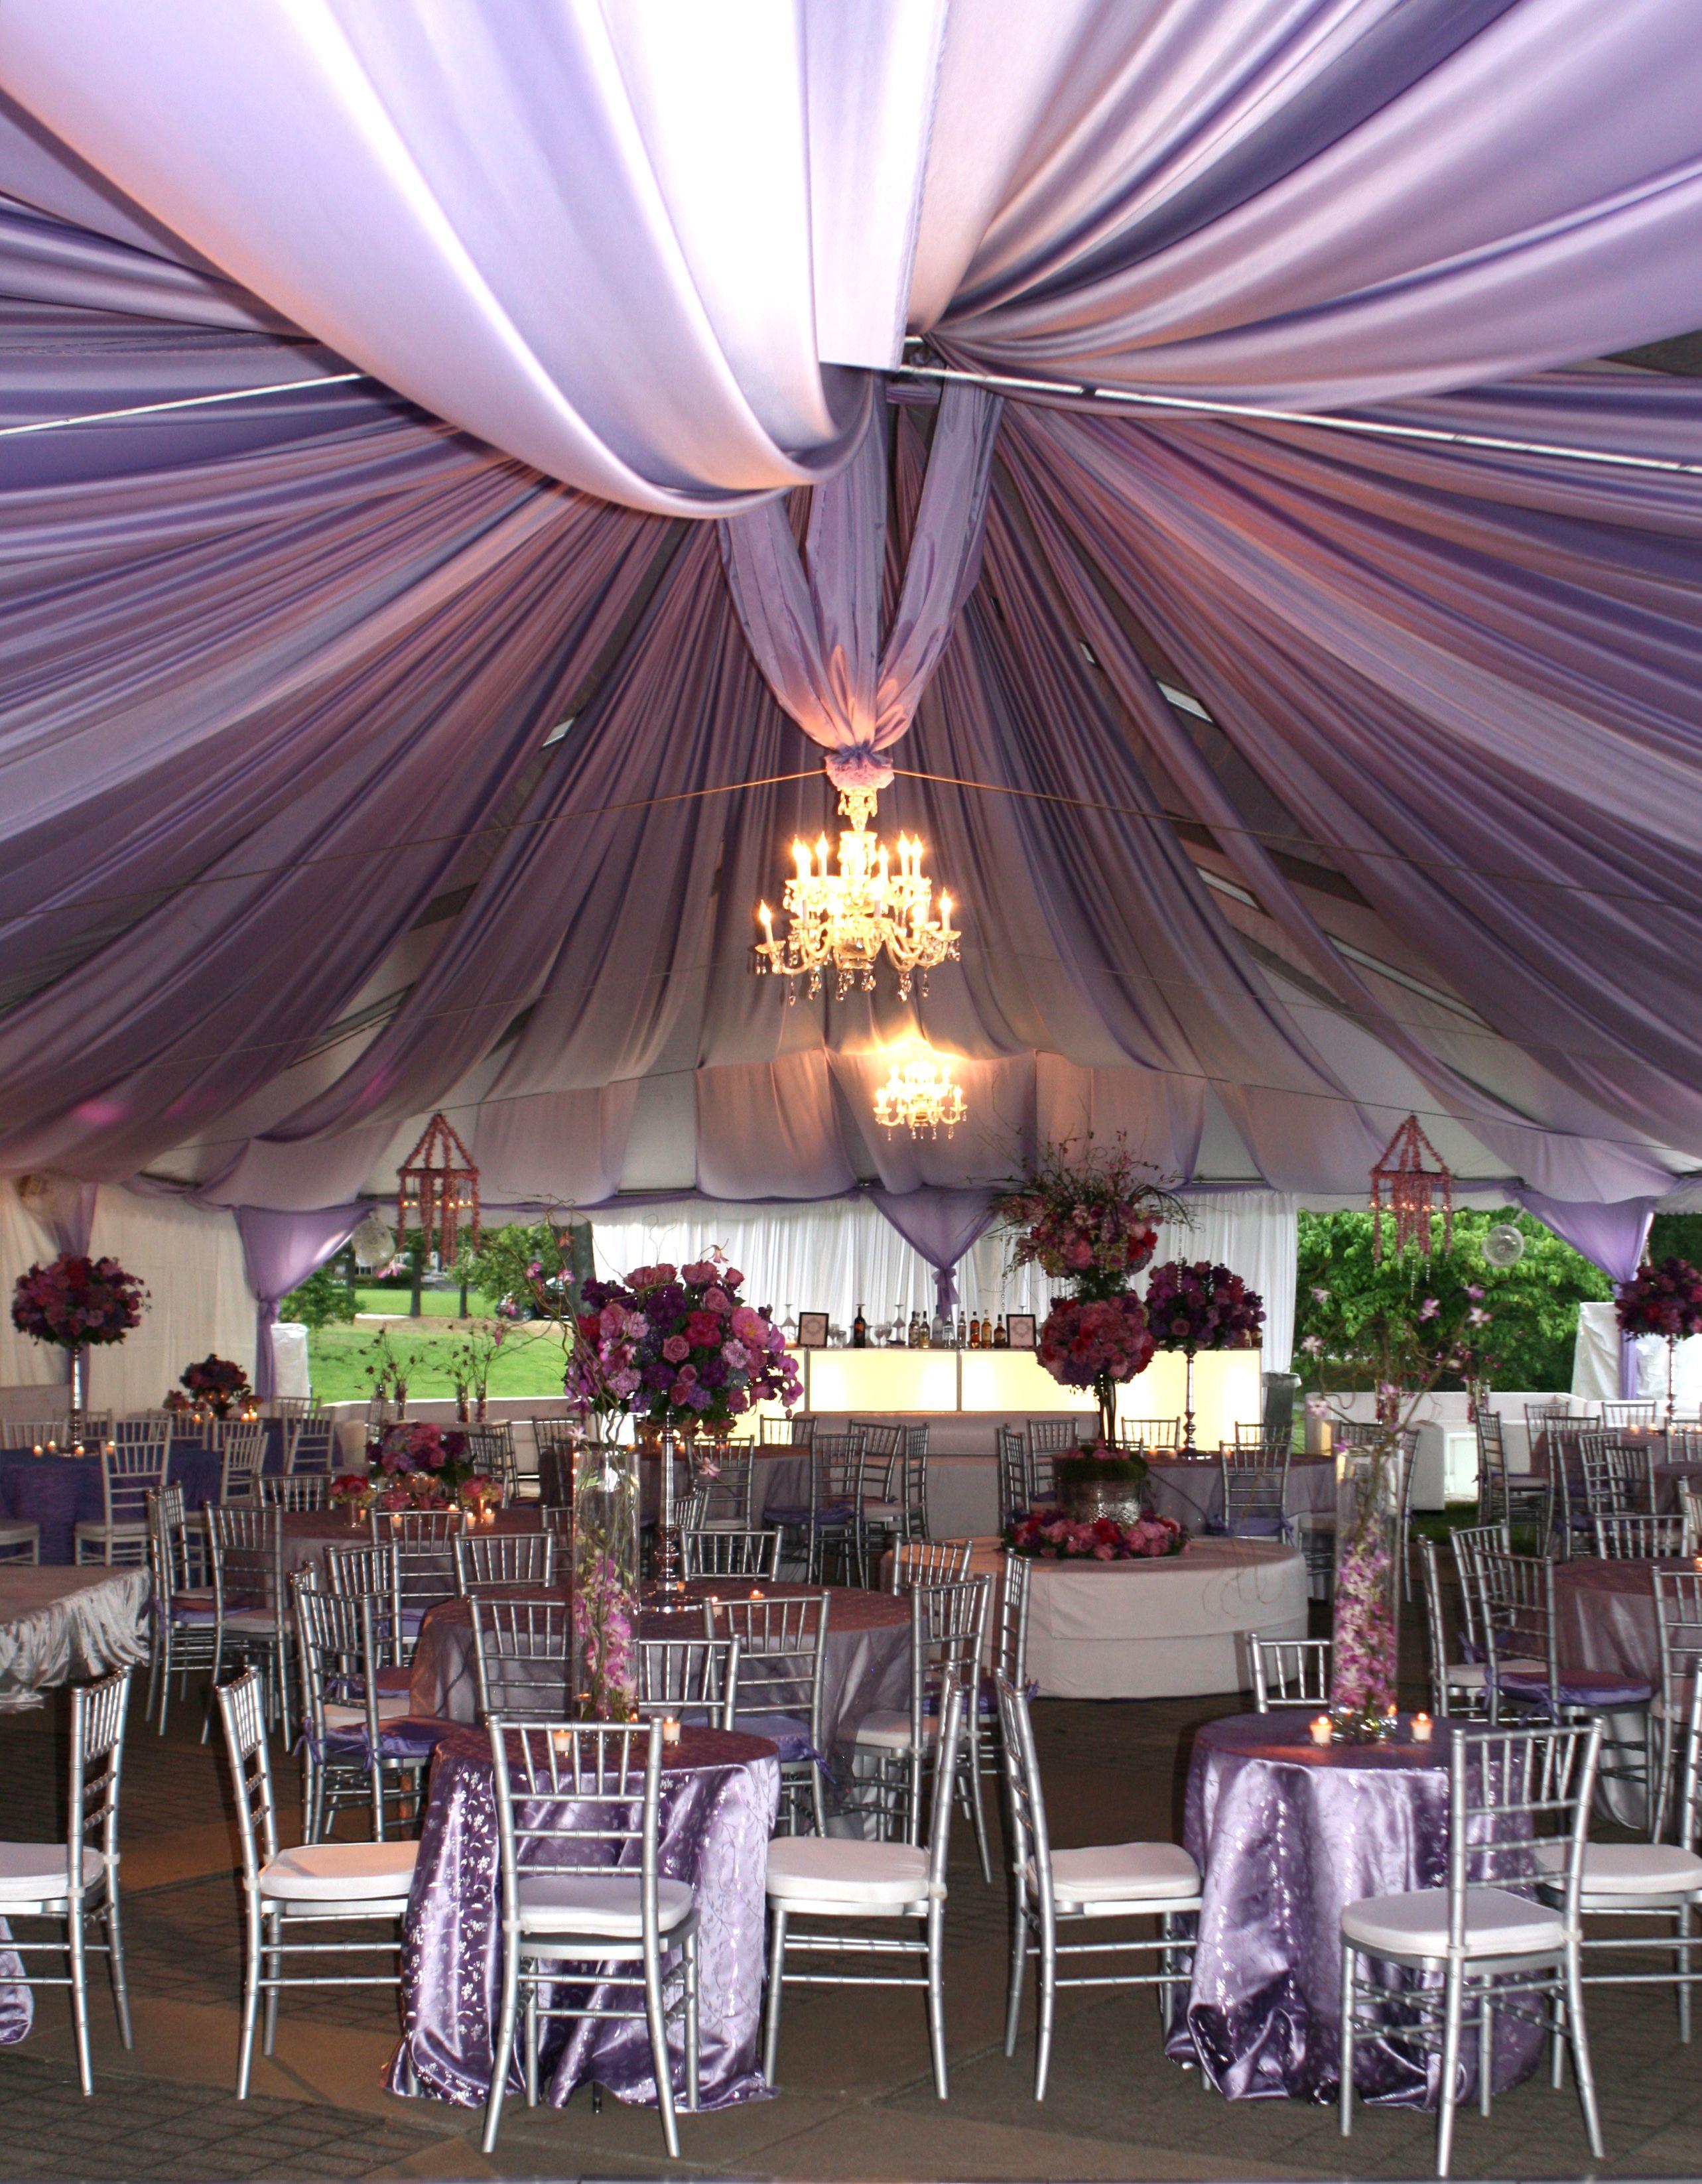 memphis brooks museum of art | the art of a museum wedding